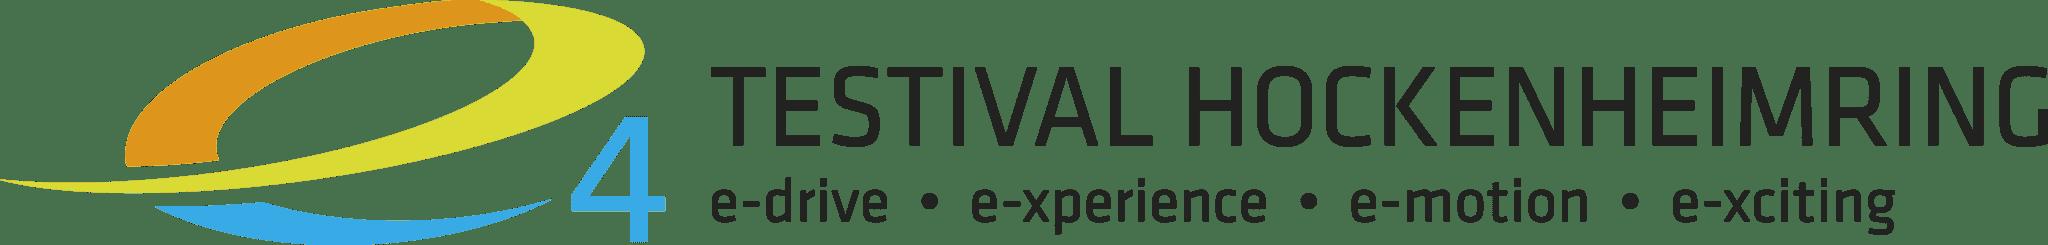 e4 TESTIVAL Hockenheimring